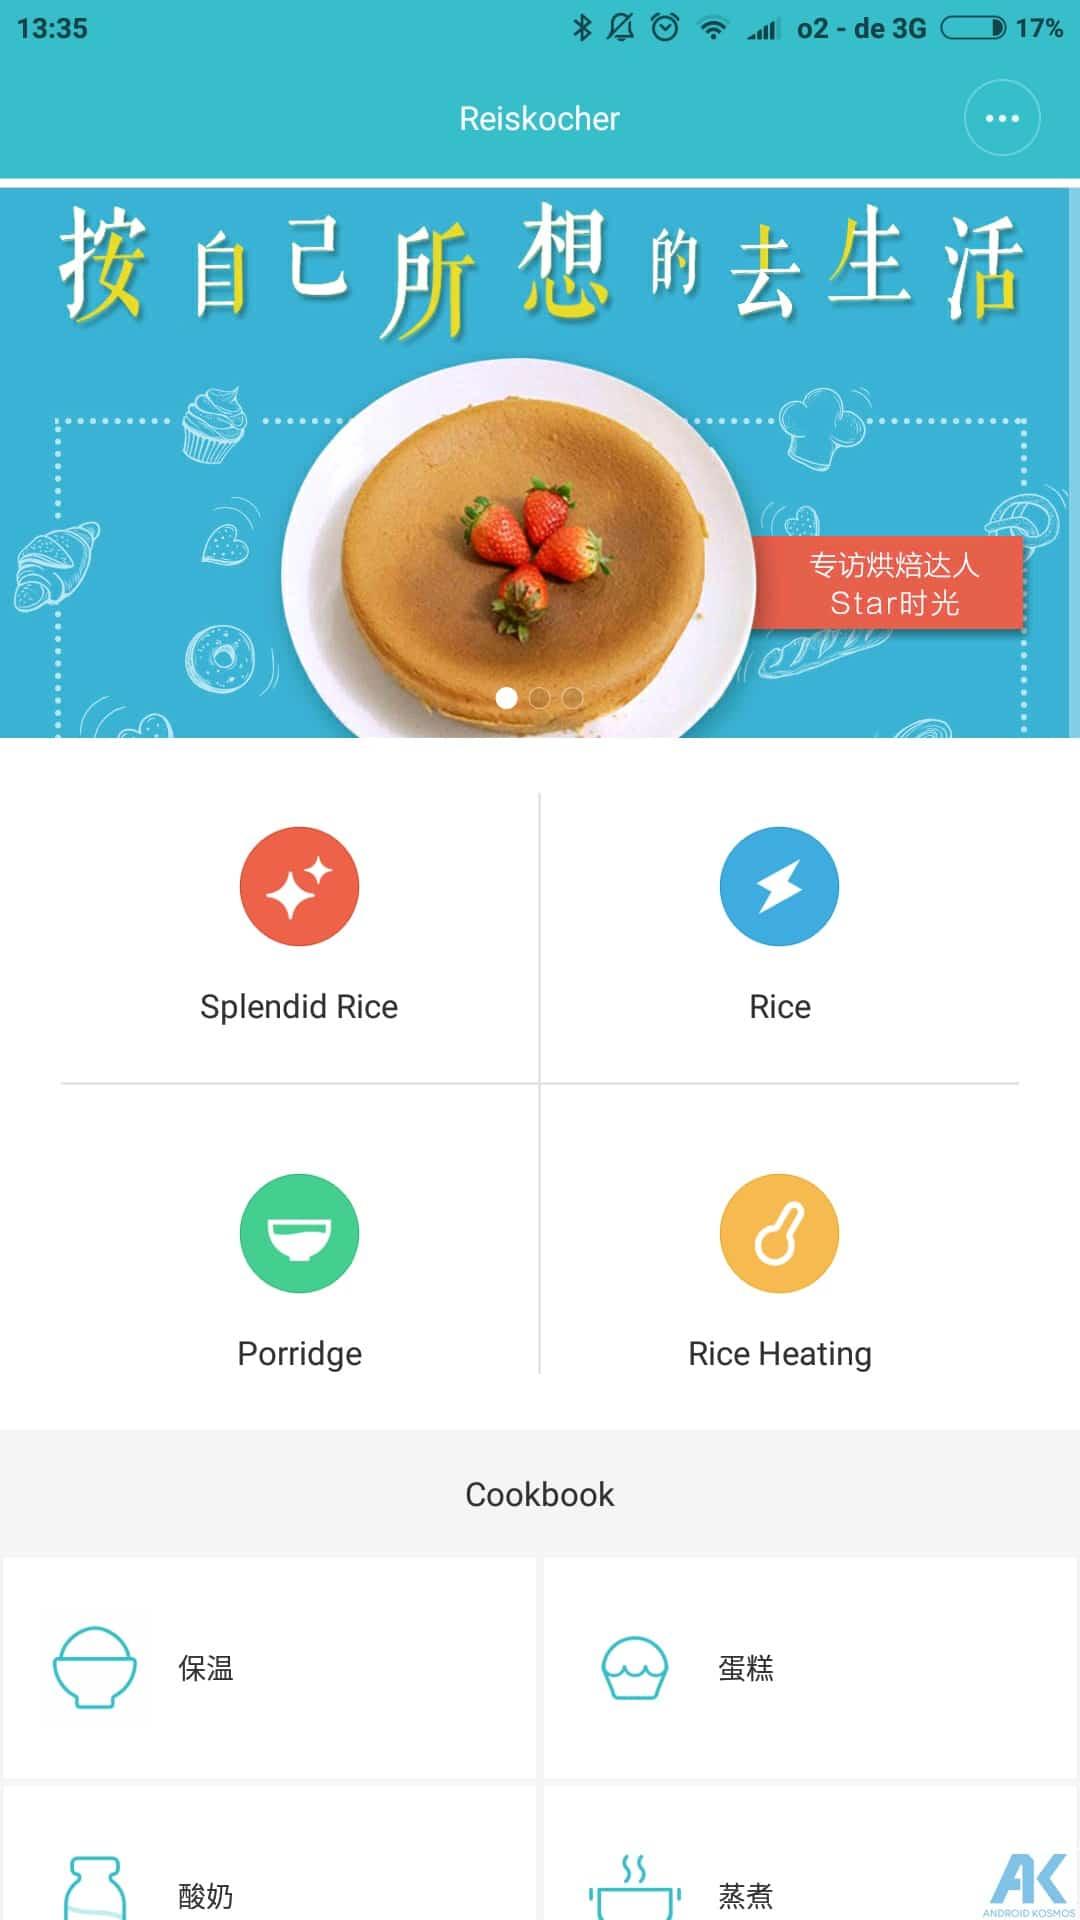 Smart Kuchen Erfahrung Perfect Weie Zeitlose Ewe Kche C Kchenstudio